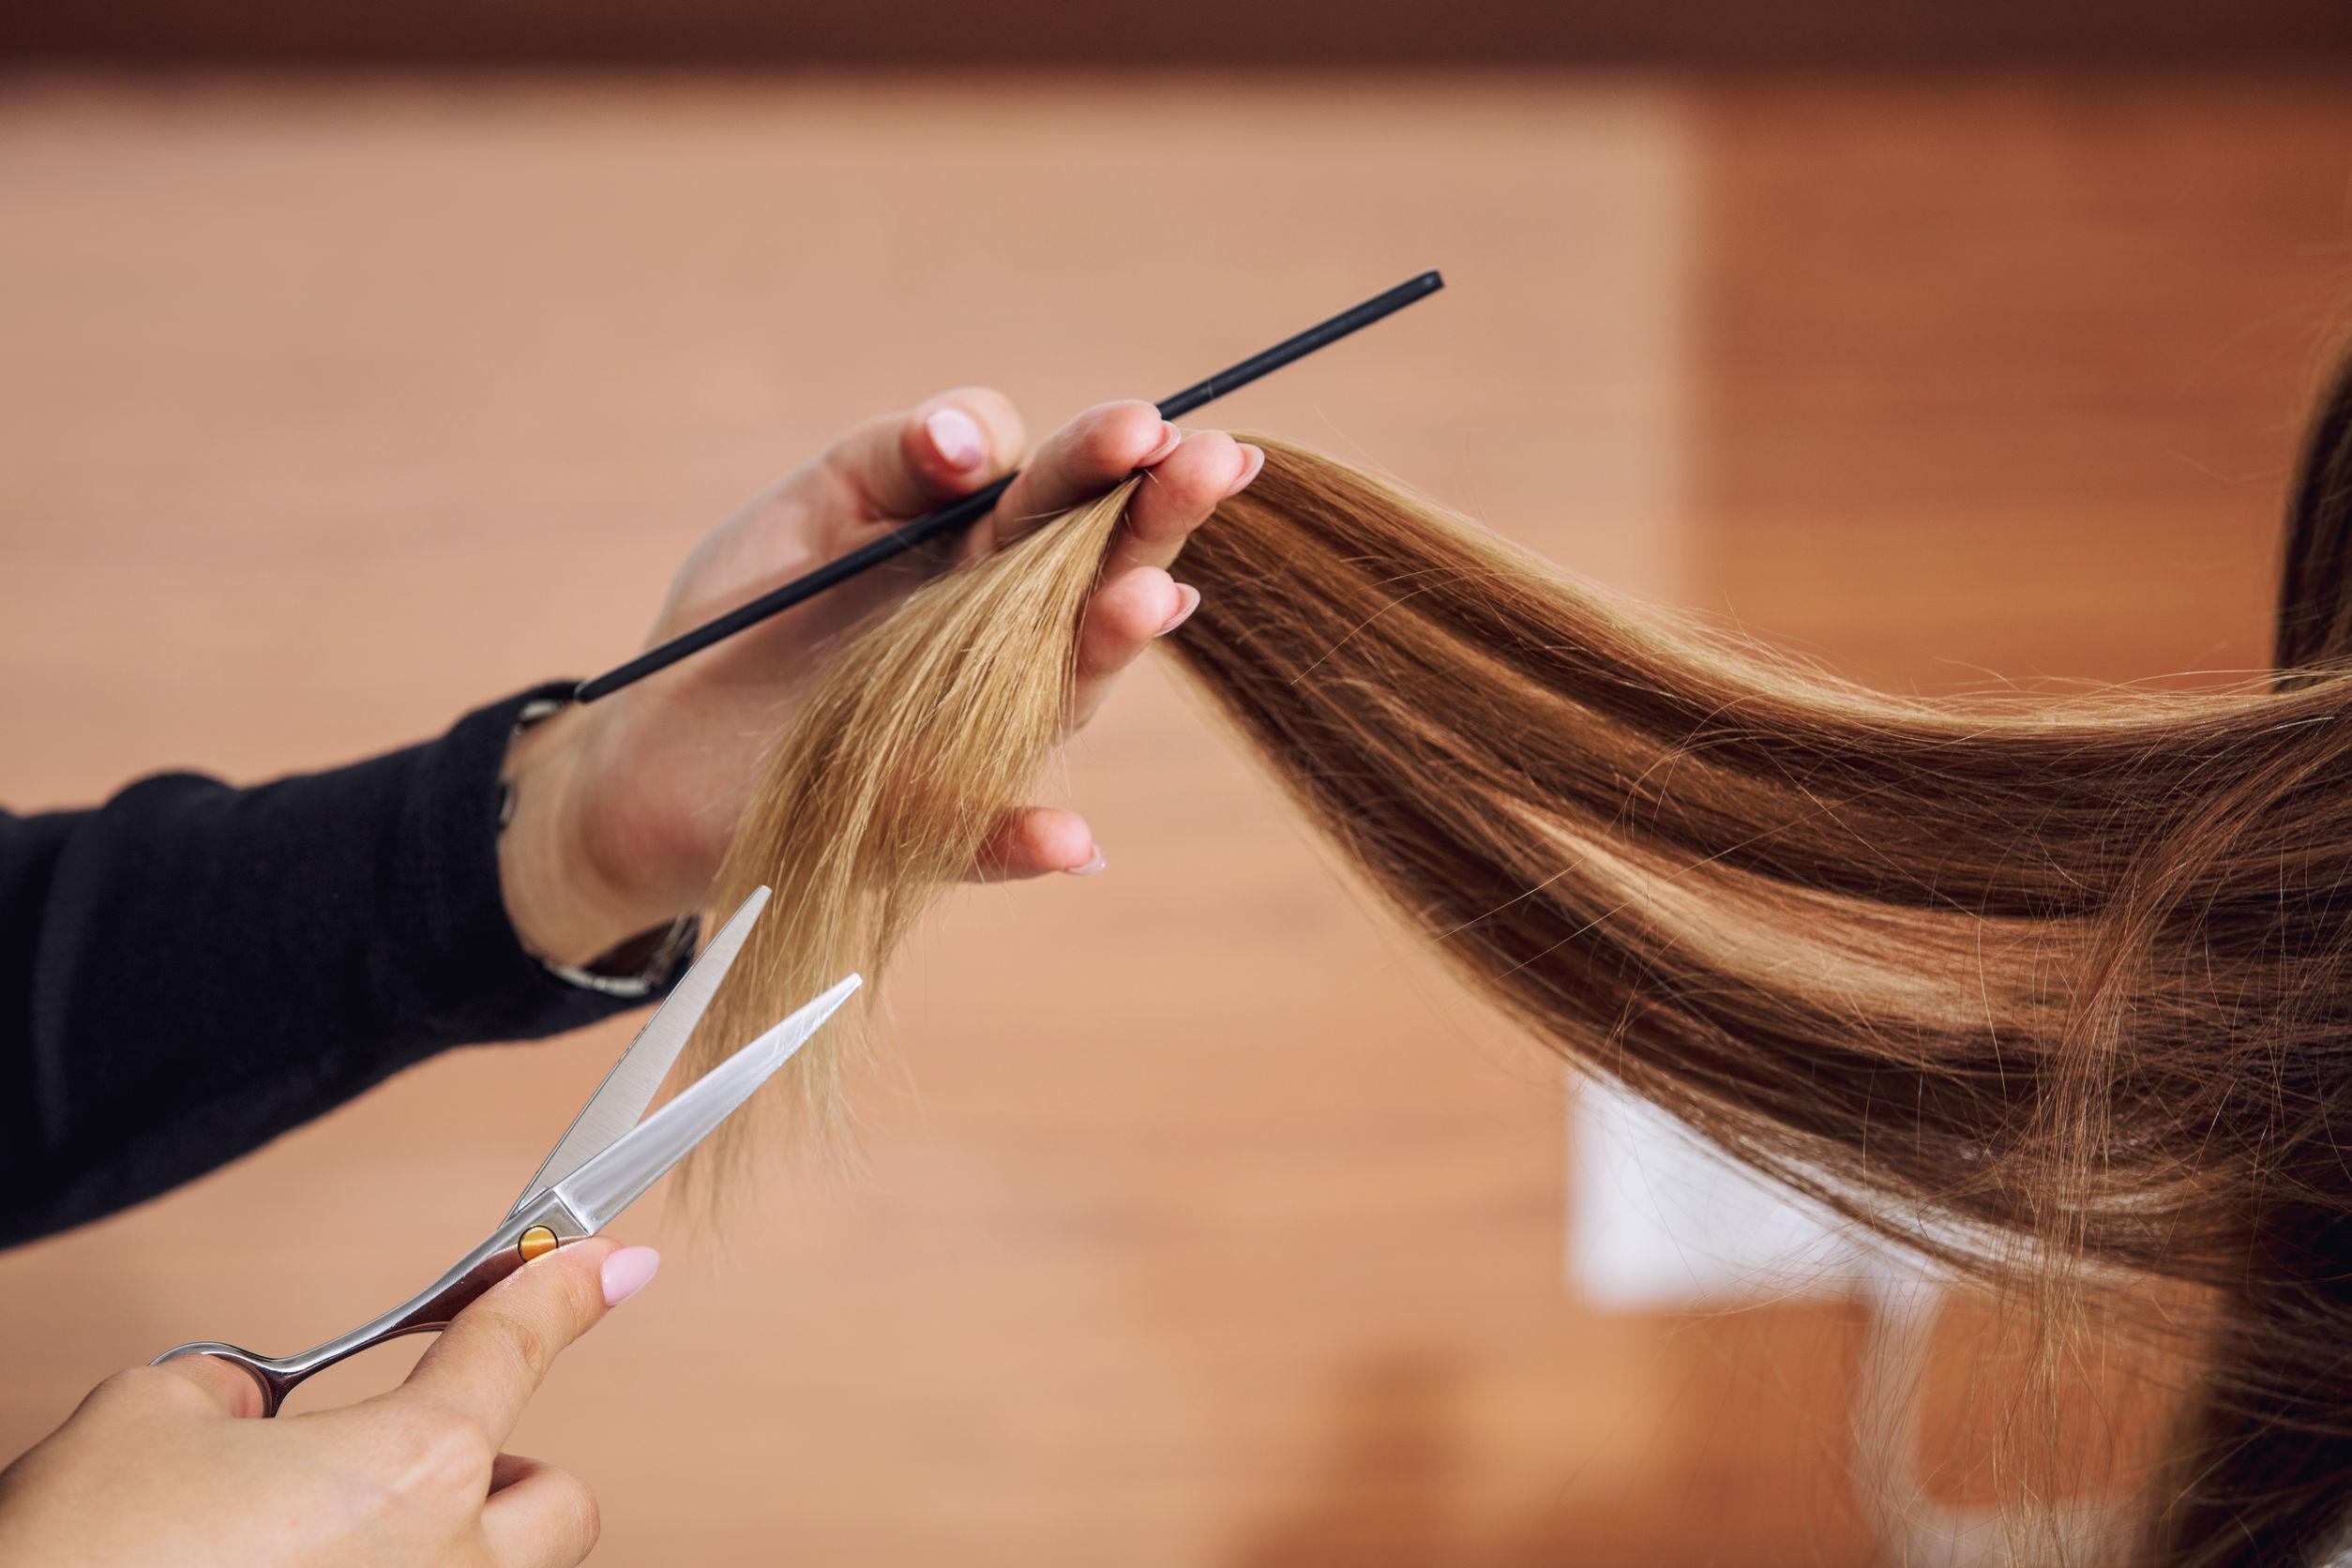 Mujer hermosa joven hace un corte de pelo de un peluquero profesional en primer plano de un salón de belleza